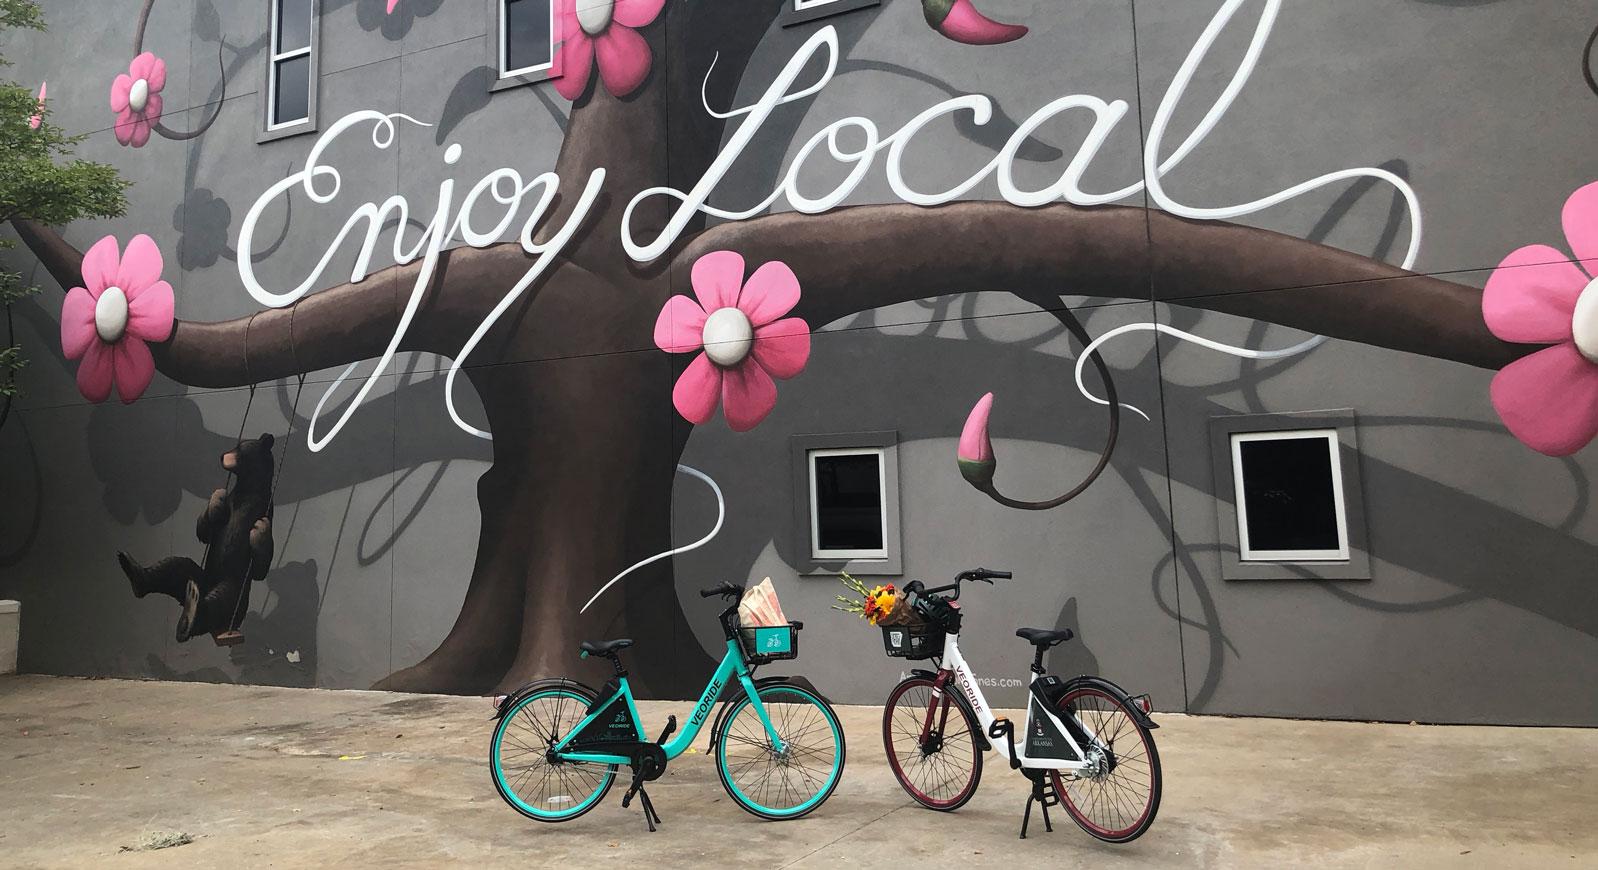 Bikeshare-Program-Fayetteville-Arkansas